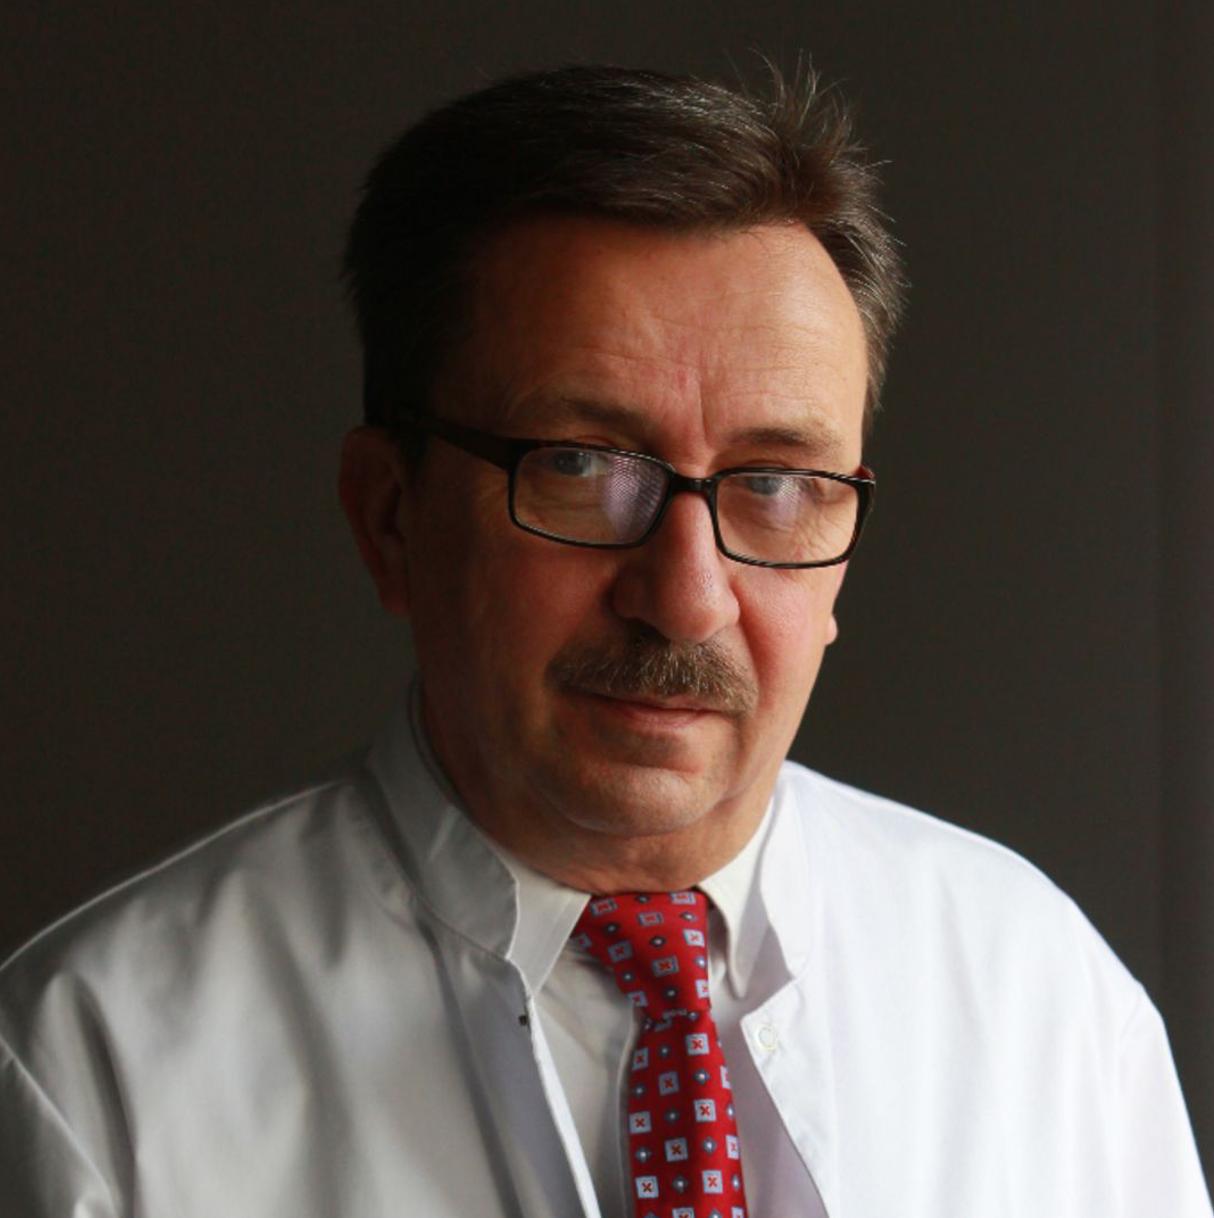 Dr. Jerzy Jarosz